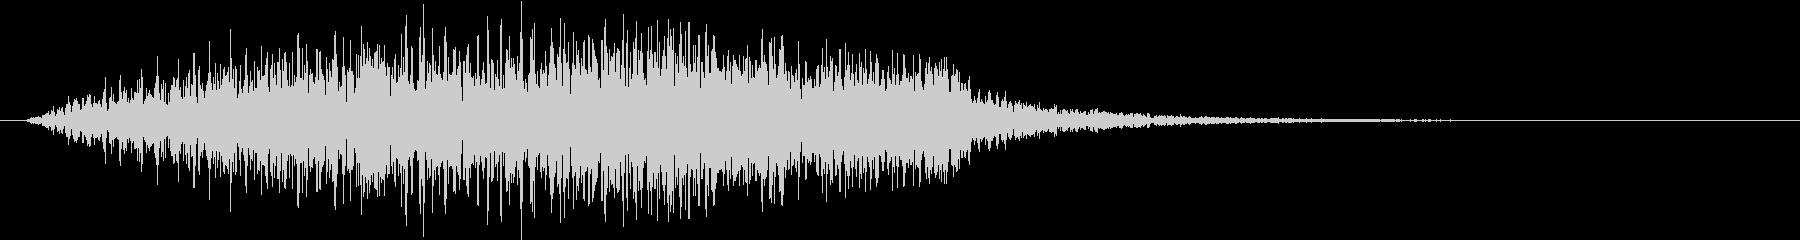 鋭い 怖いダーク02の未再生の波形